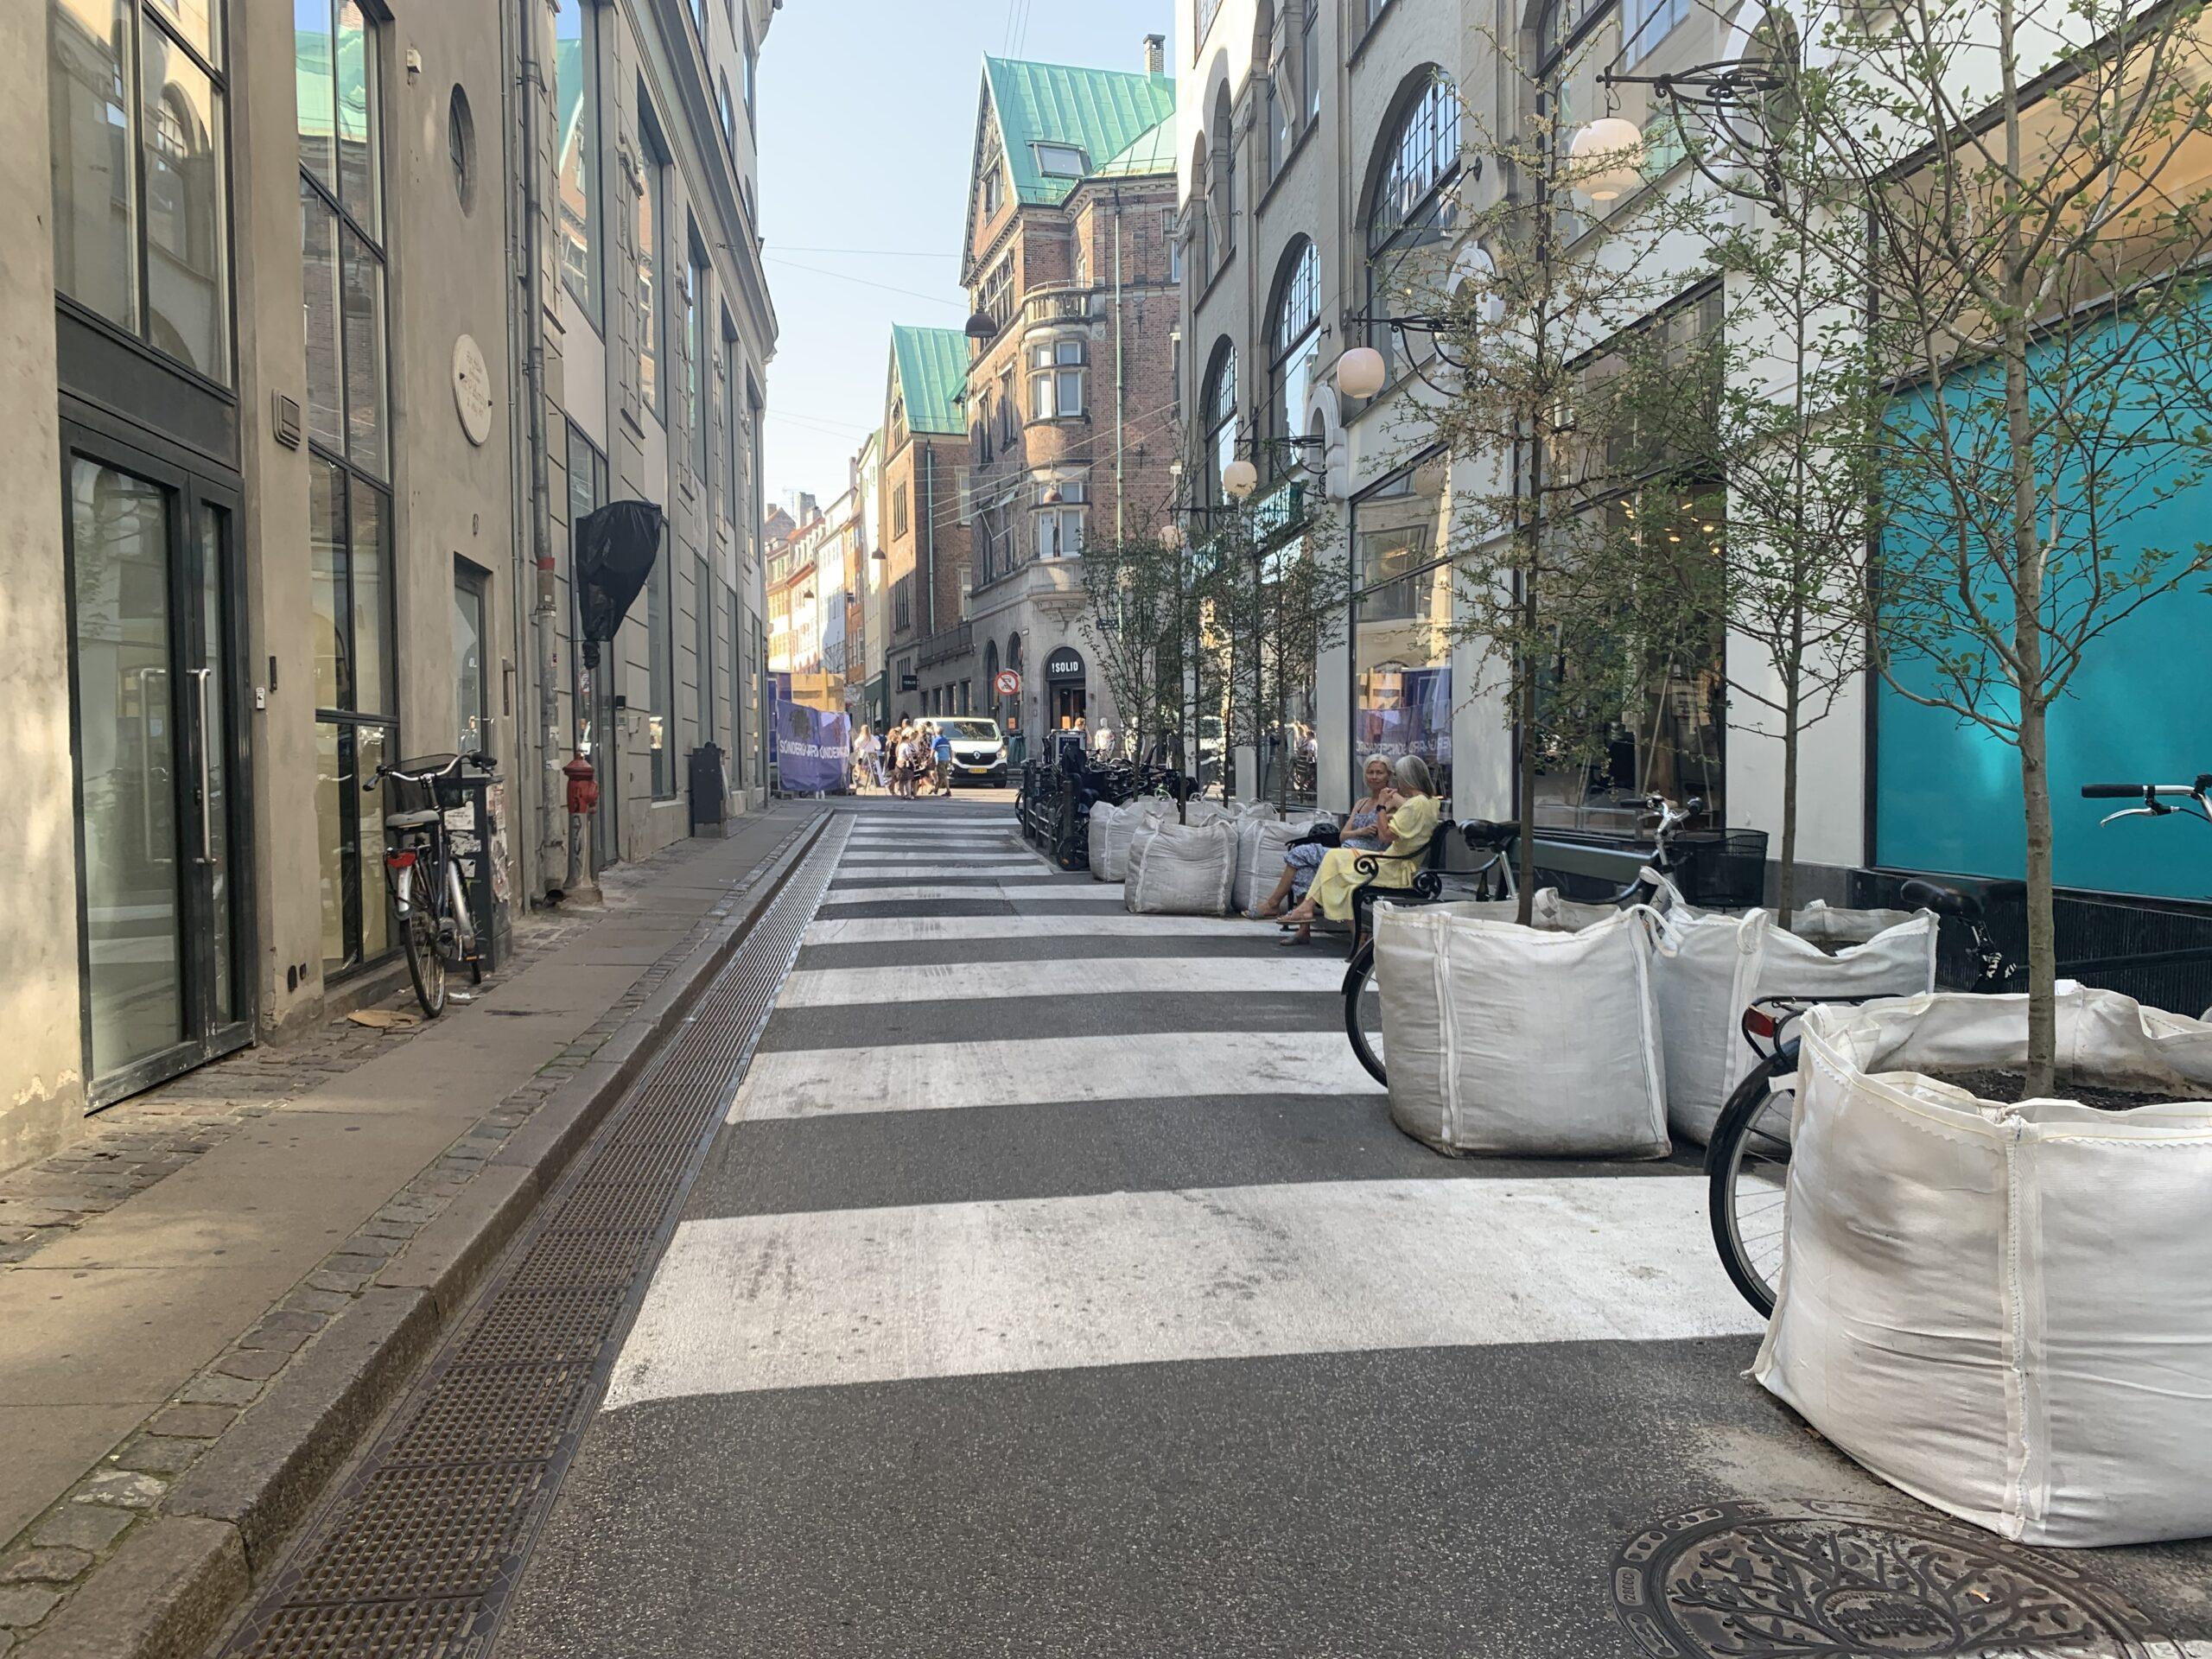 Middelalderbyen - byrumsforsøg. Via Trafik har hjulpet Københavns Kommunes rådgivere TREDJE NATUR og PLADS Aps med udarbejdelse af midlertidigt projekt for 5 byrum i Indre By.